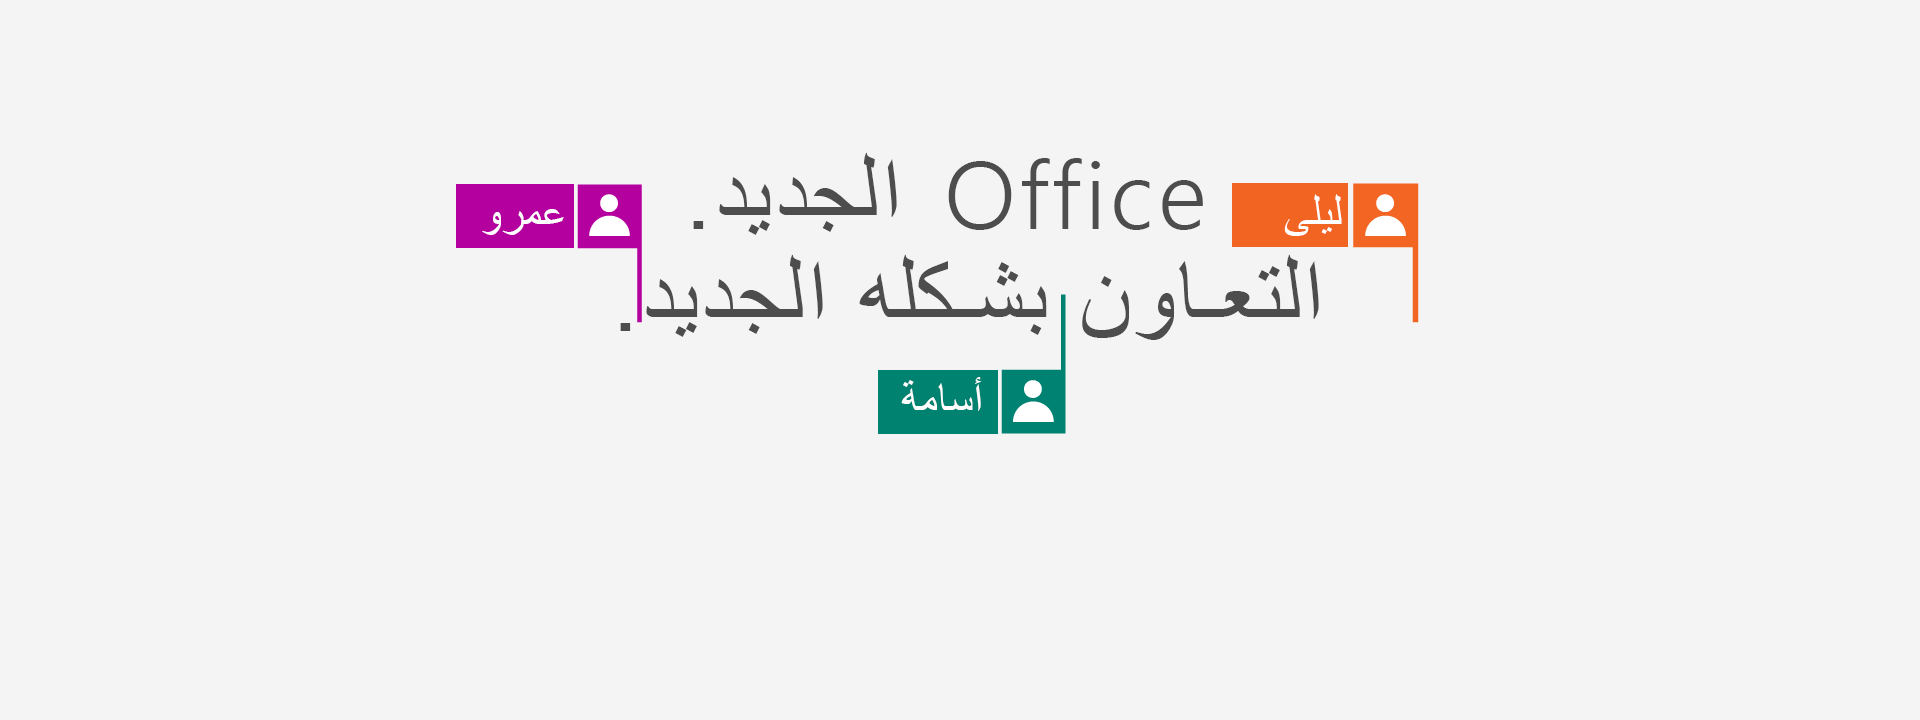 قم بشراء Office 365 للحصول على تطبيقات 2016 الجديدة.